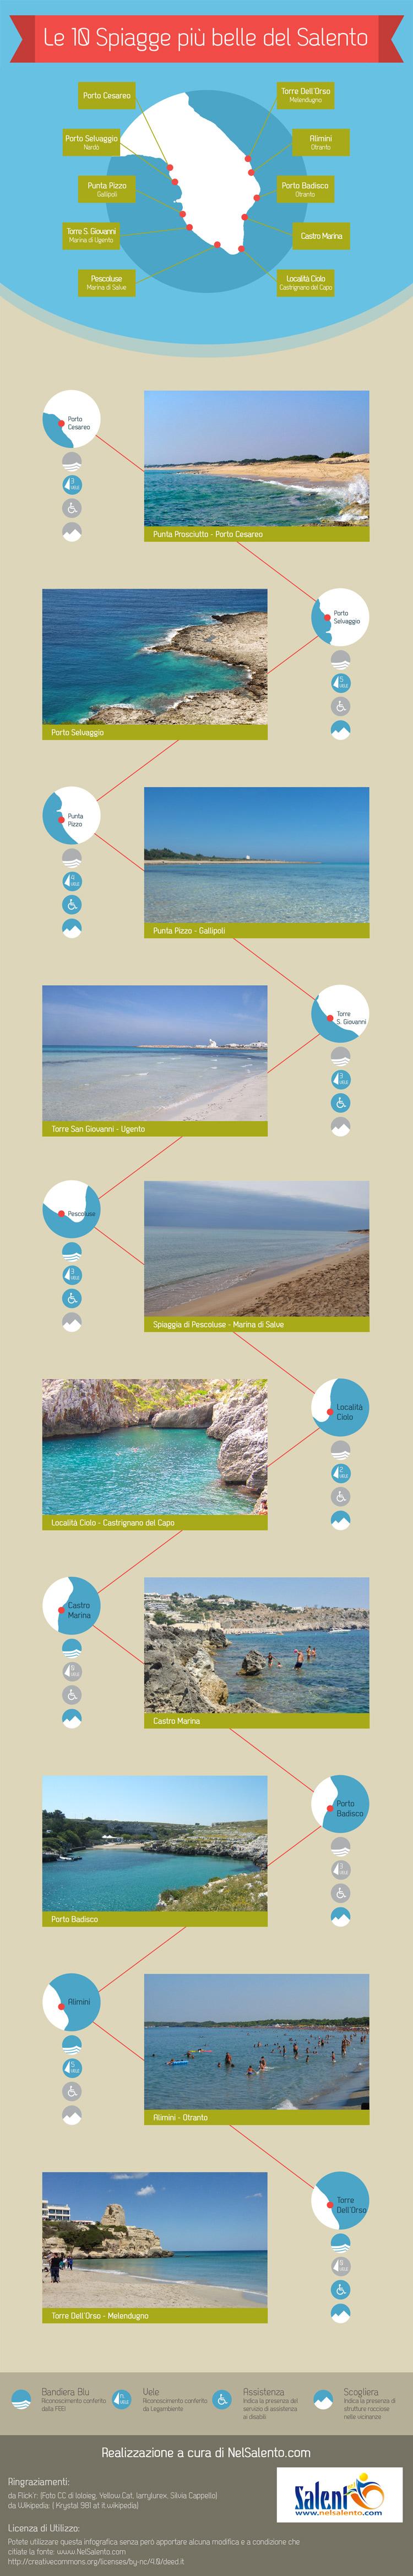 infografica spiagge salento